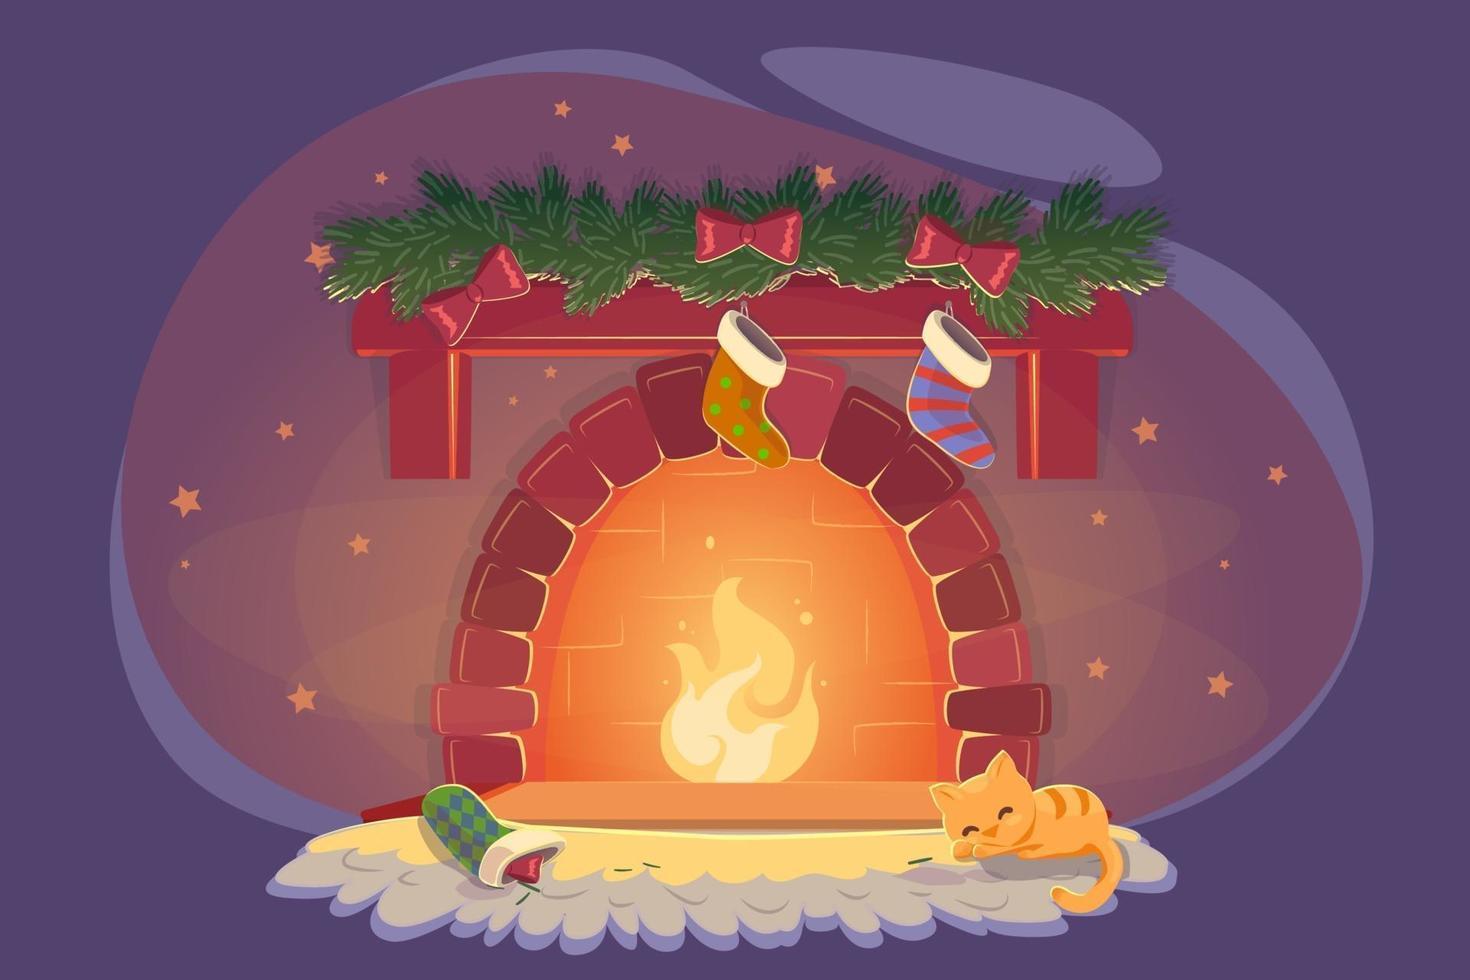 Karte mit Weihnachtskamin und schlafender Katze für Feierdekorationsdesign. verspielte Katze in der Nähe von Weihnachtsfeuer mit Socken. gemütliches Winterzimmer des neuen Jahres, flache Vektorillustration der Vorabendnacht. vektor